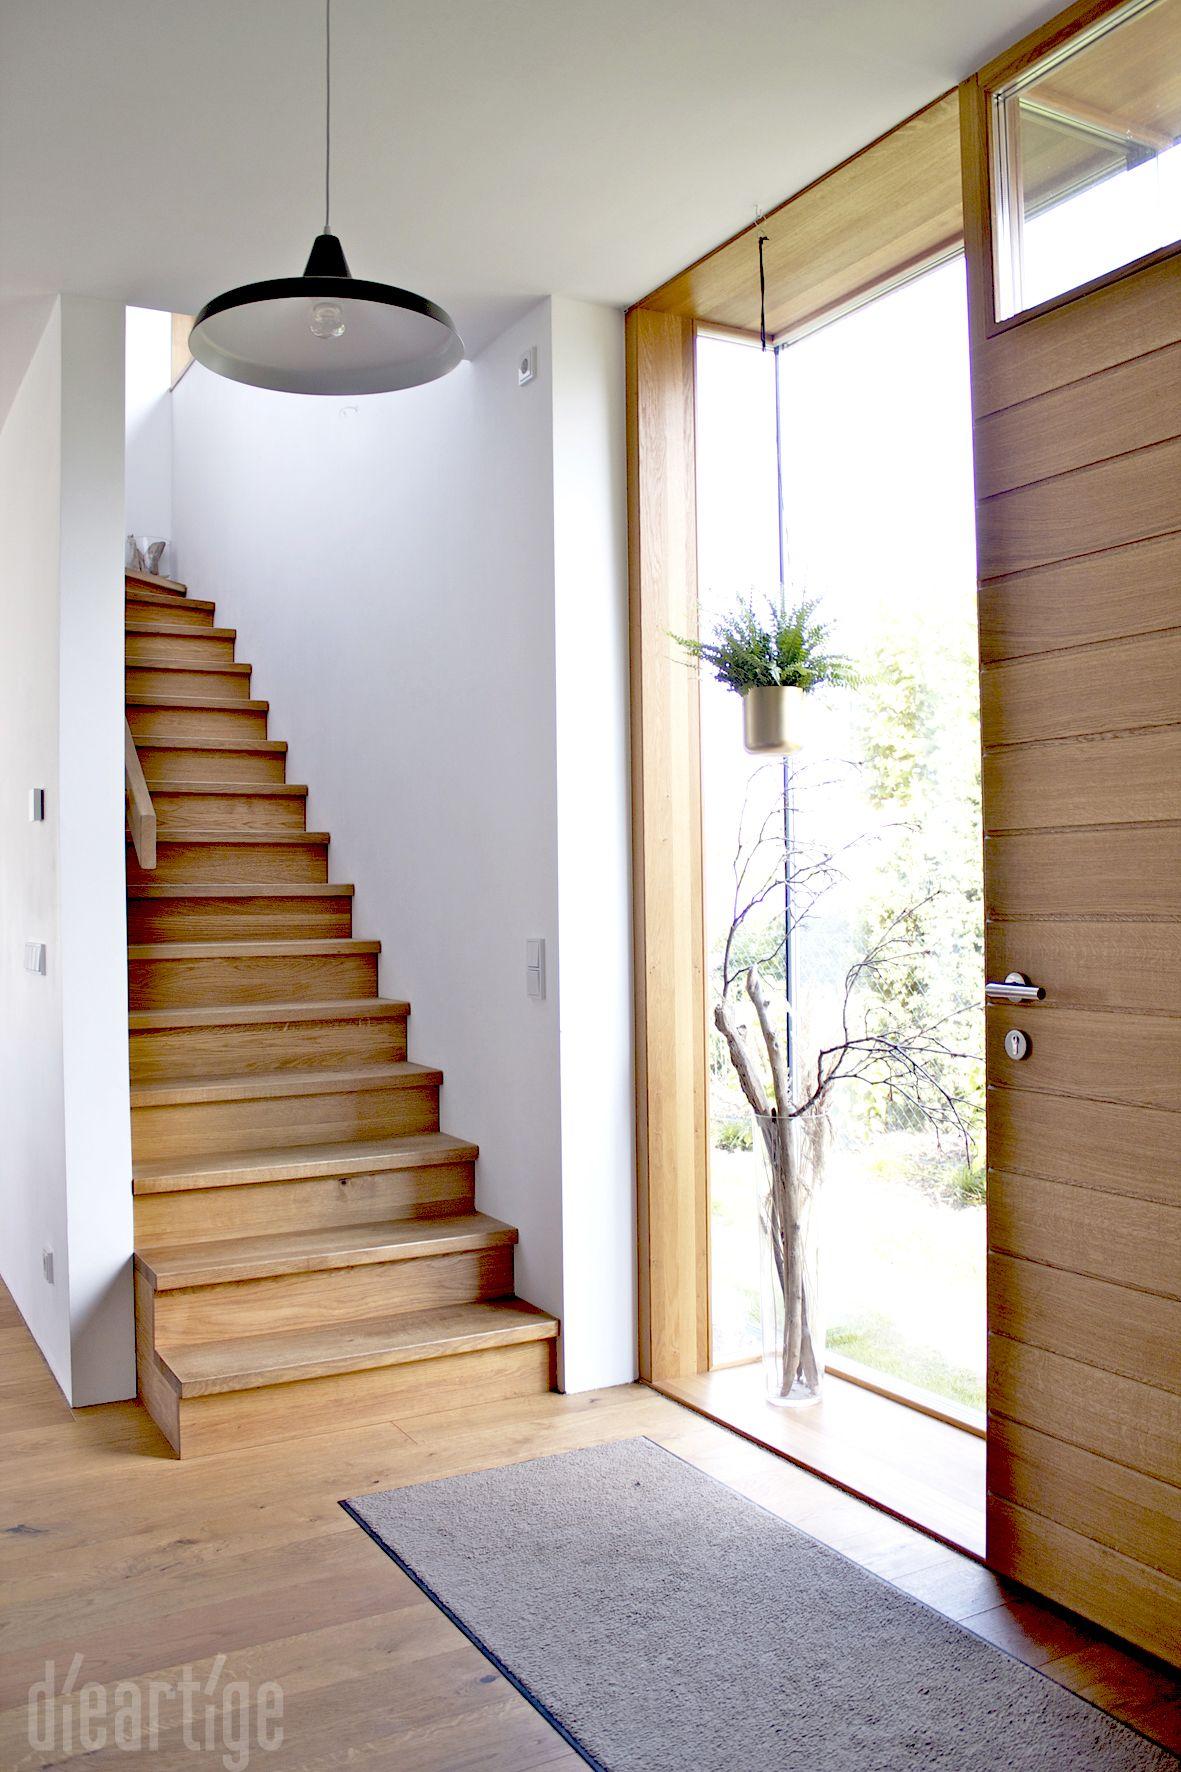 Nachhaltiges EFH - dieartige // DESIGN STUDIO // Raumplanung #arquitectonico